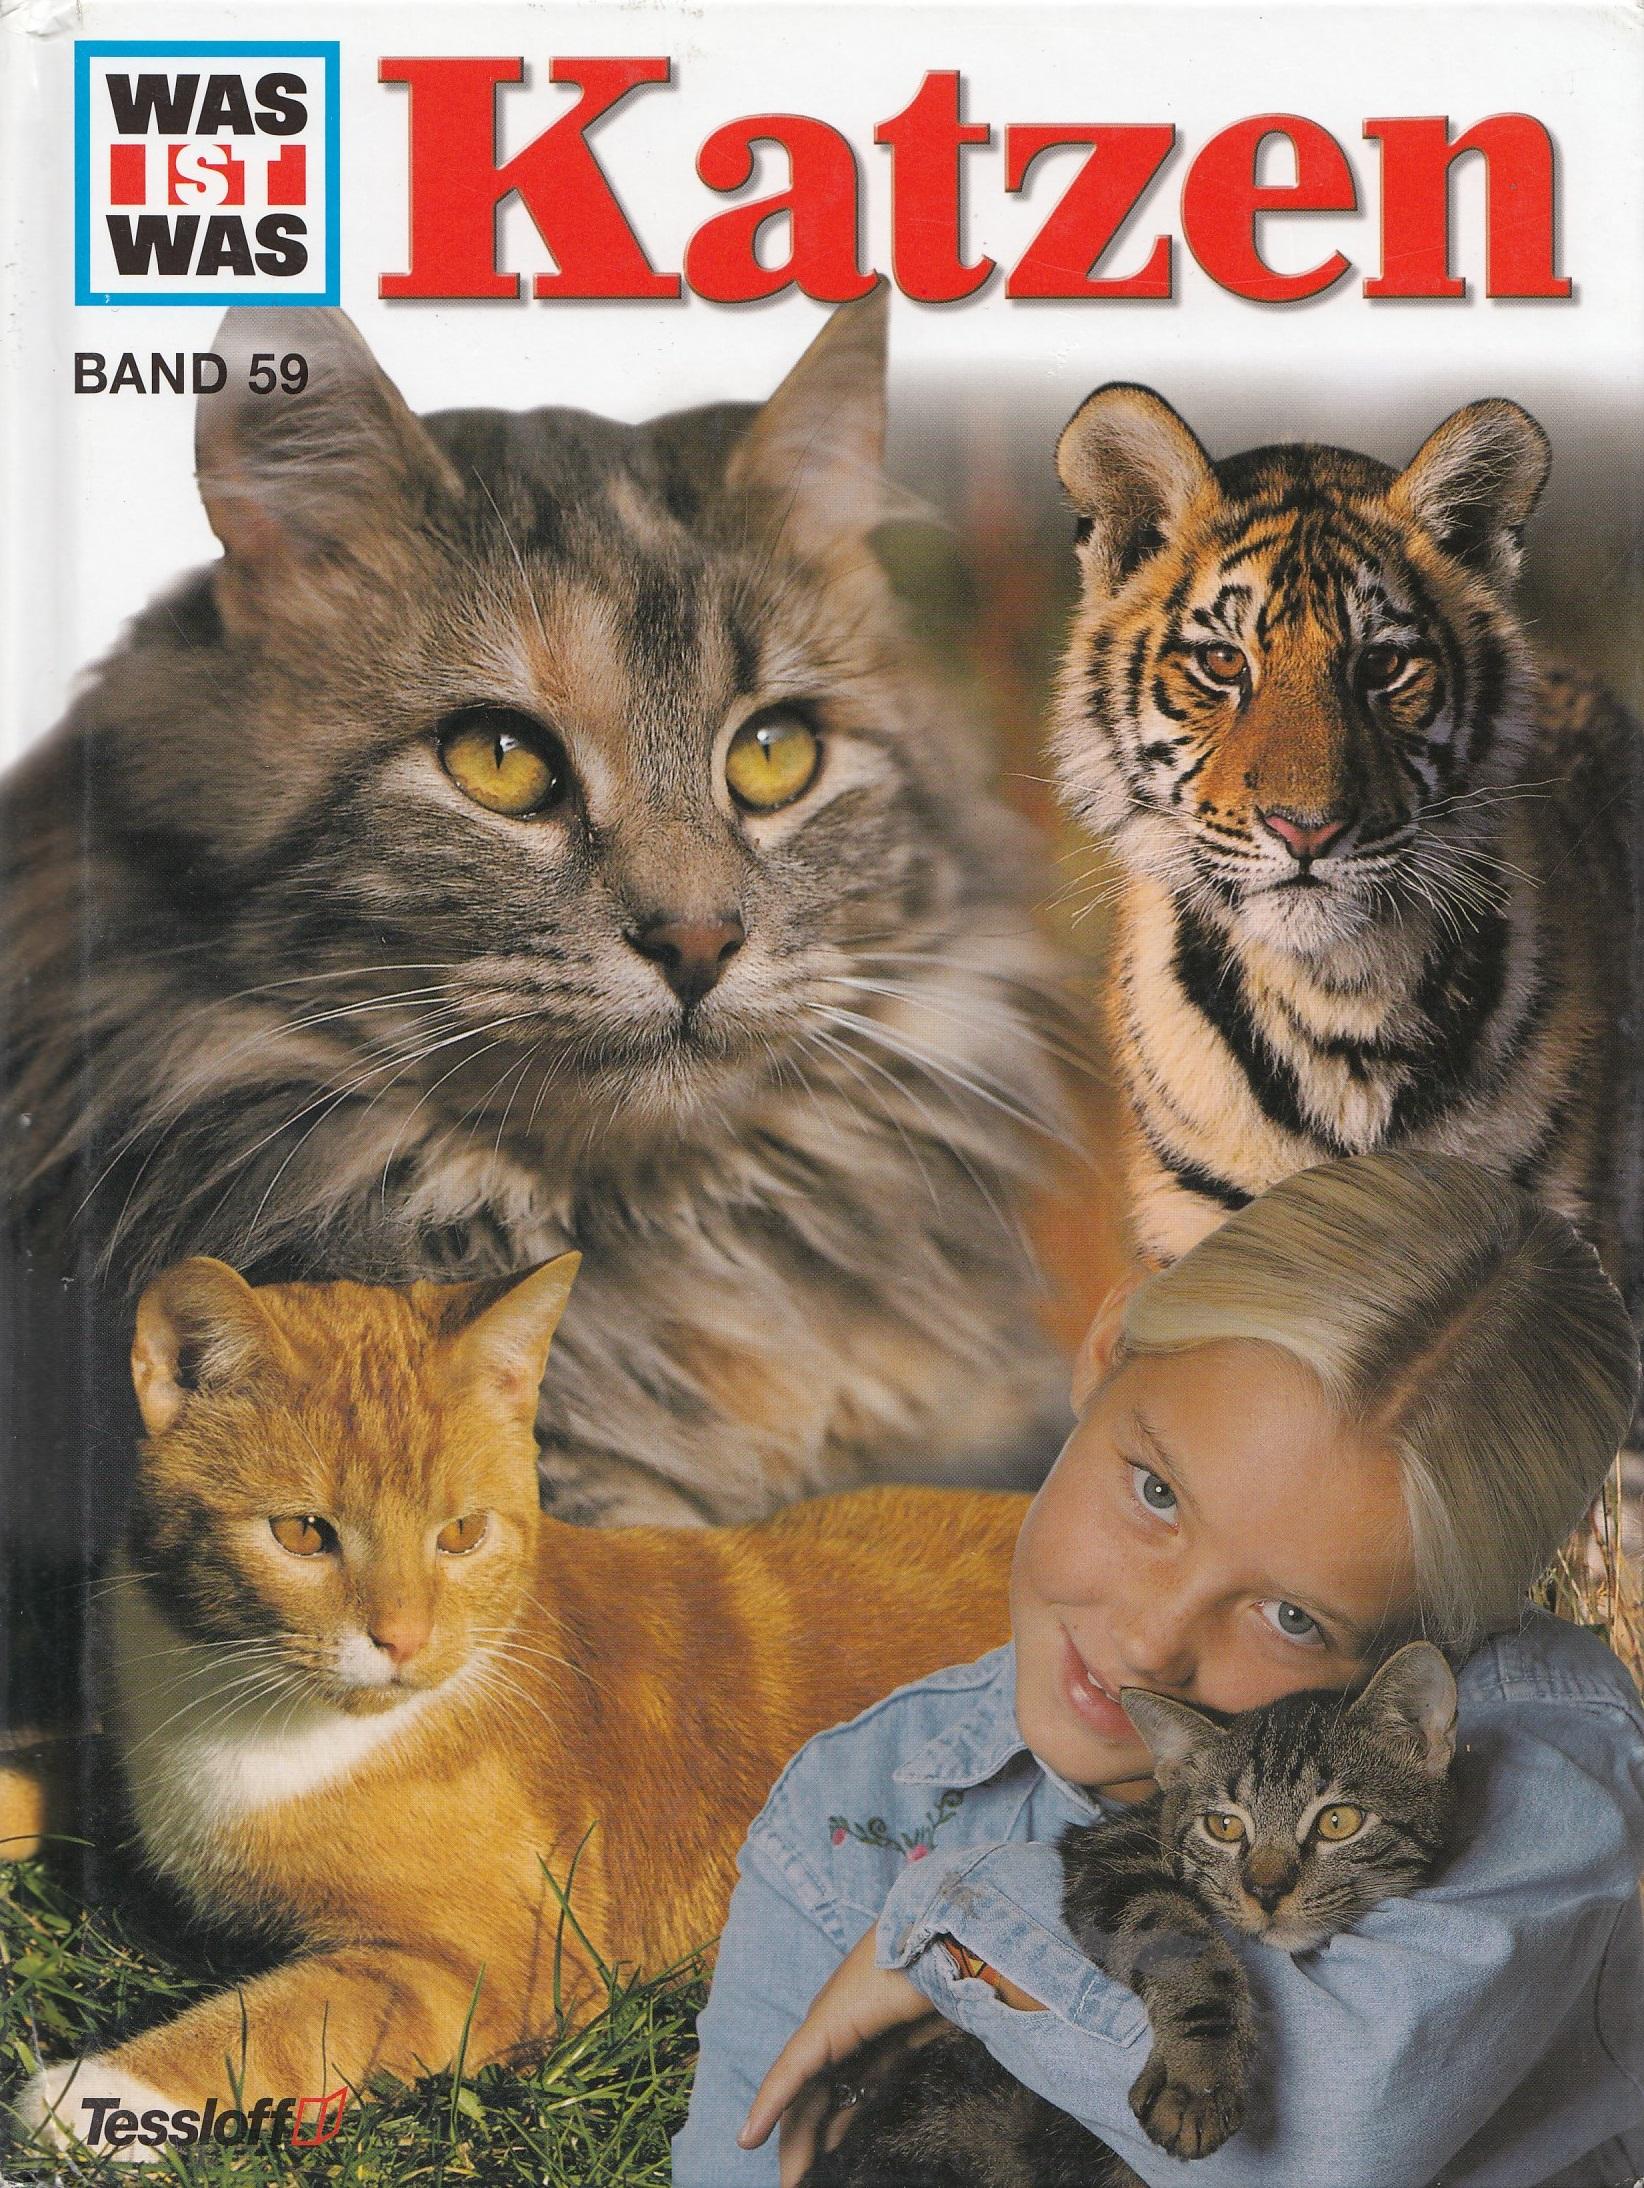 Was ist Was: Band 59 - Katzen [Gebundene Ausgabe]